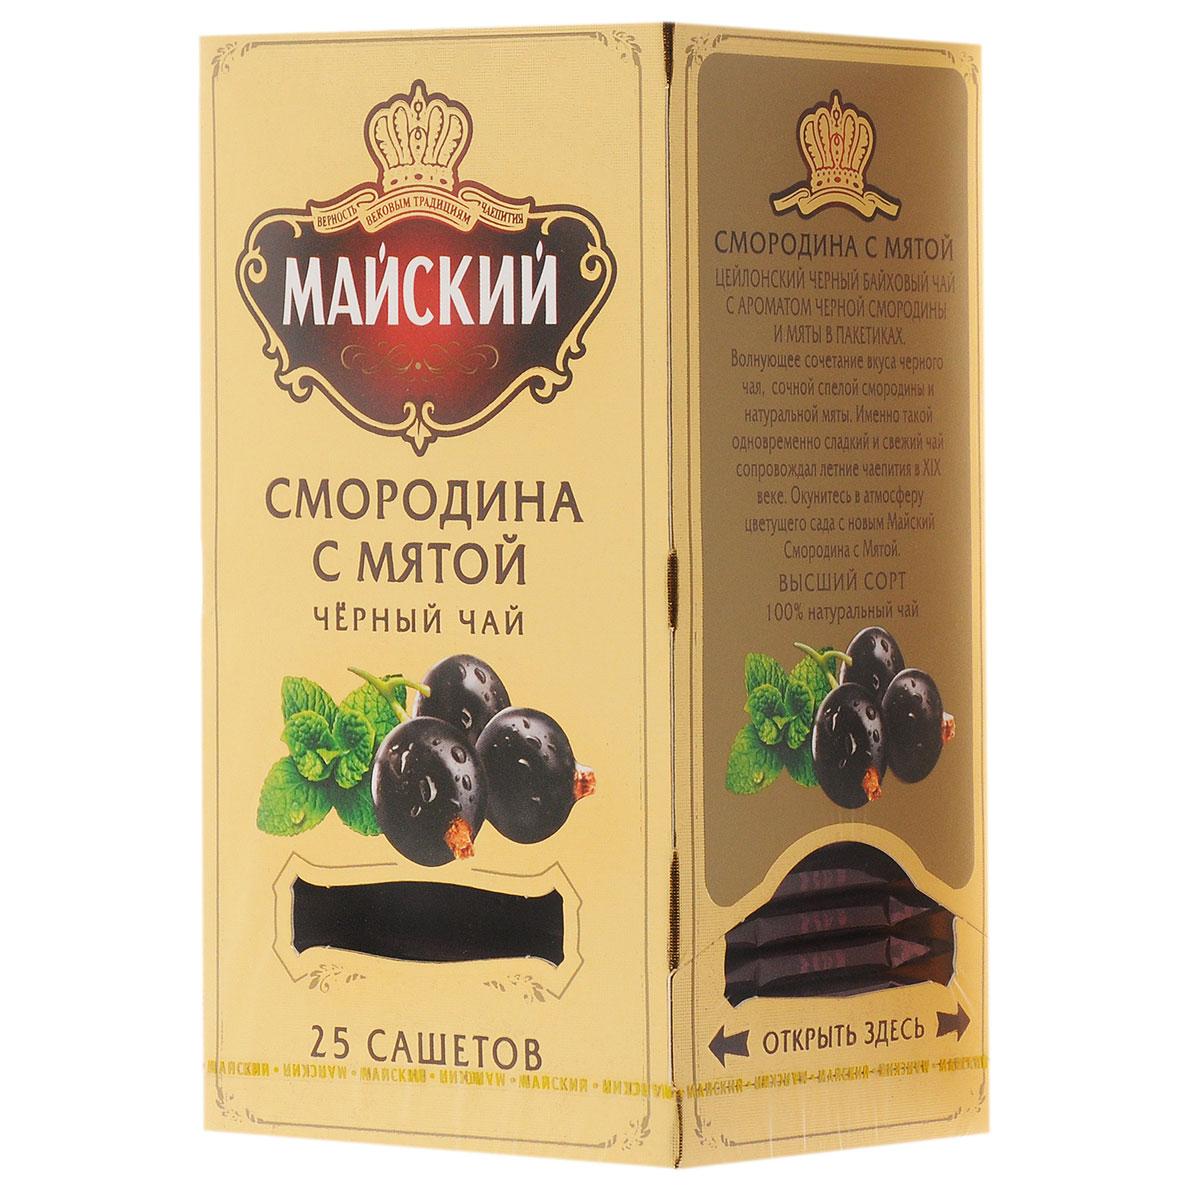 Майский Смородина с мятой черный ароматизированный чай в пакетиках, 25 шт114151Майский Смородина с мятой - это волнующее сочетание вкуса черного чая, сочной спелой смородины и натуральной мяты.Всё о чае: сорта, факты, советы по выбору и употреблению. Статья OZON Гид